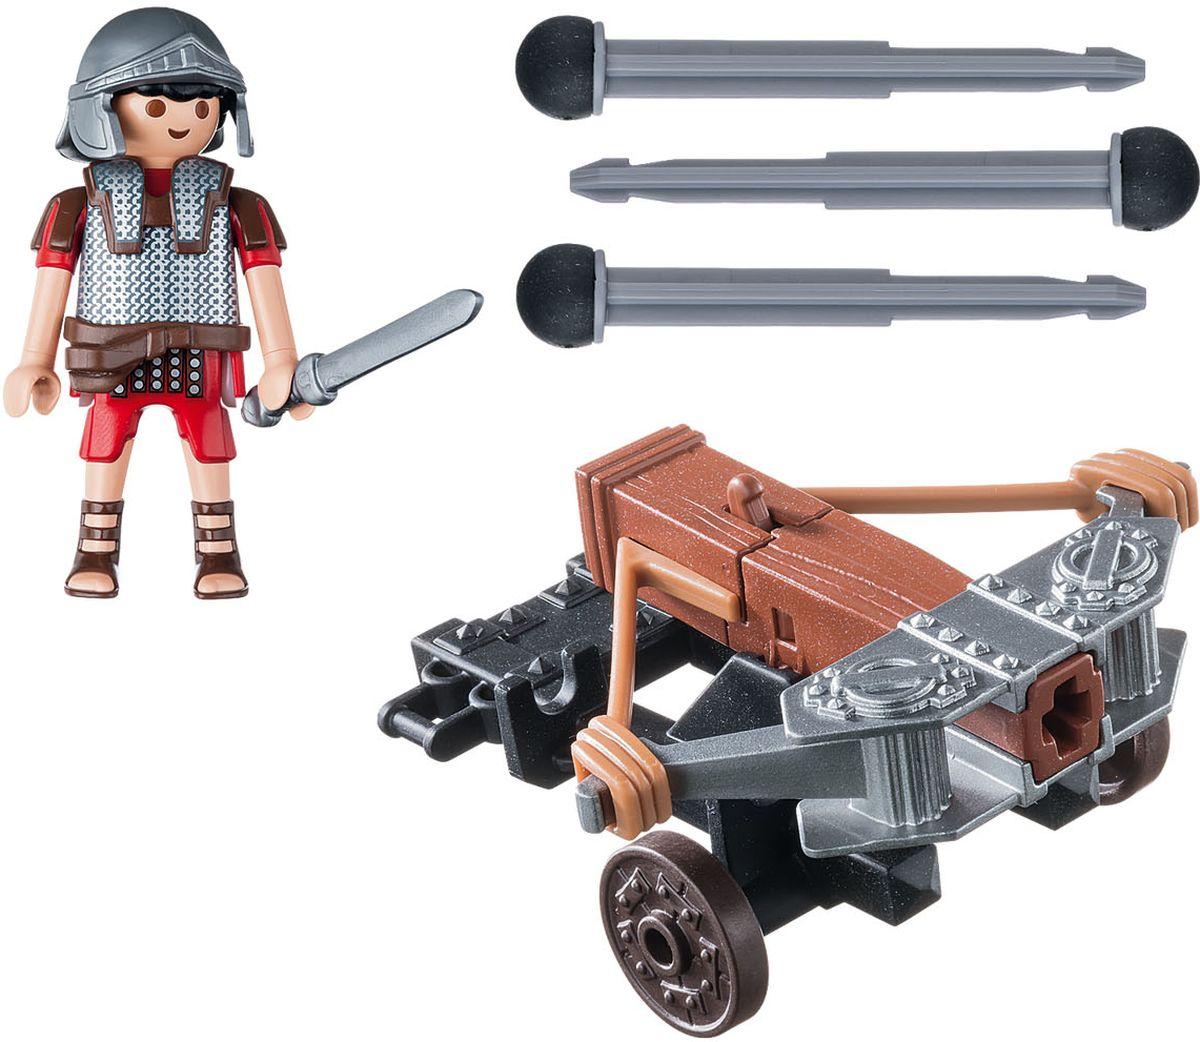 Playmobil Игровой набор Римляне и египтяне Легионер с баллистой playmobil игровой набор детская клиника доктор с ребенком